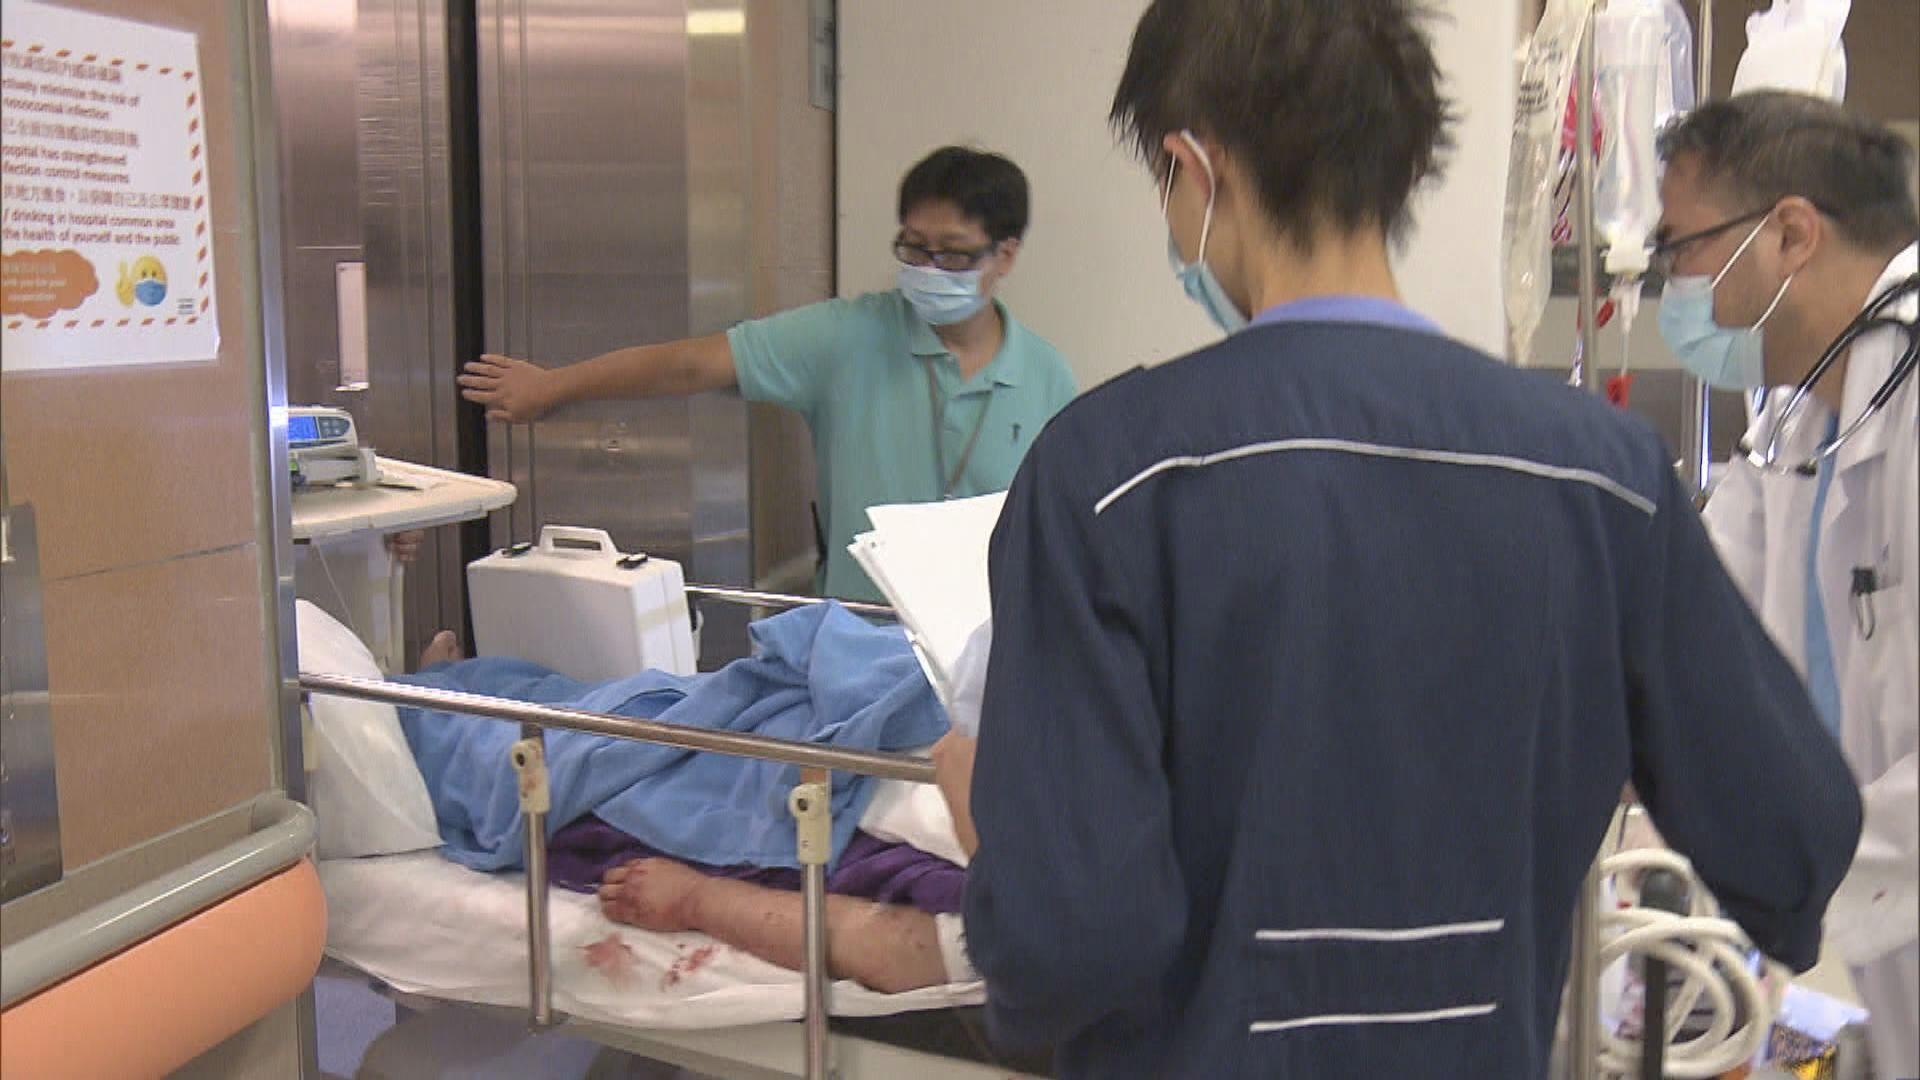 尖沙咀男子遇襲中刀負傷駕車求醫